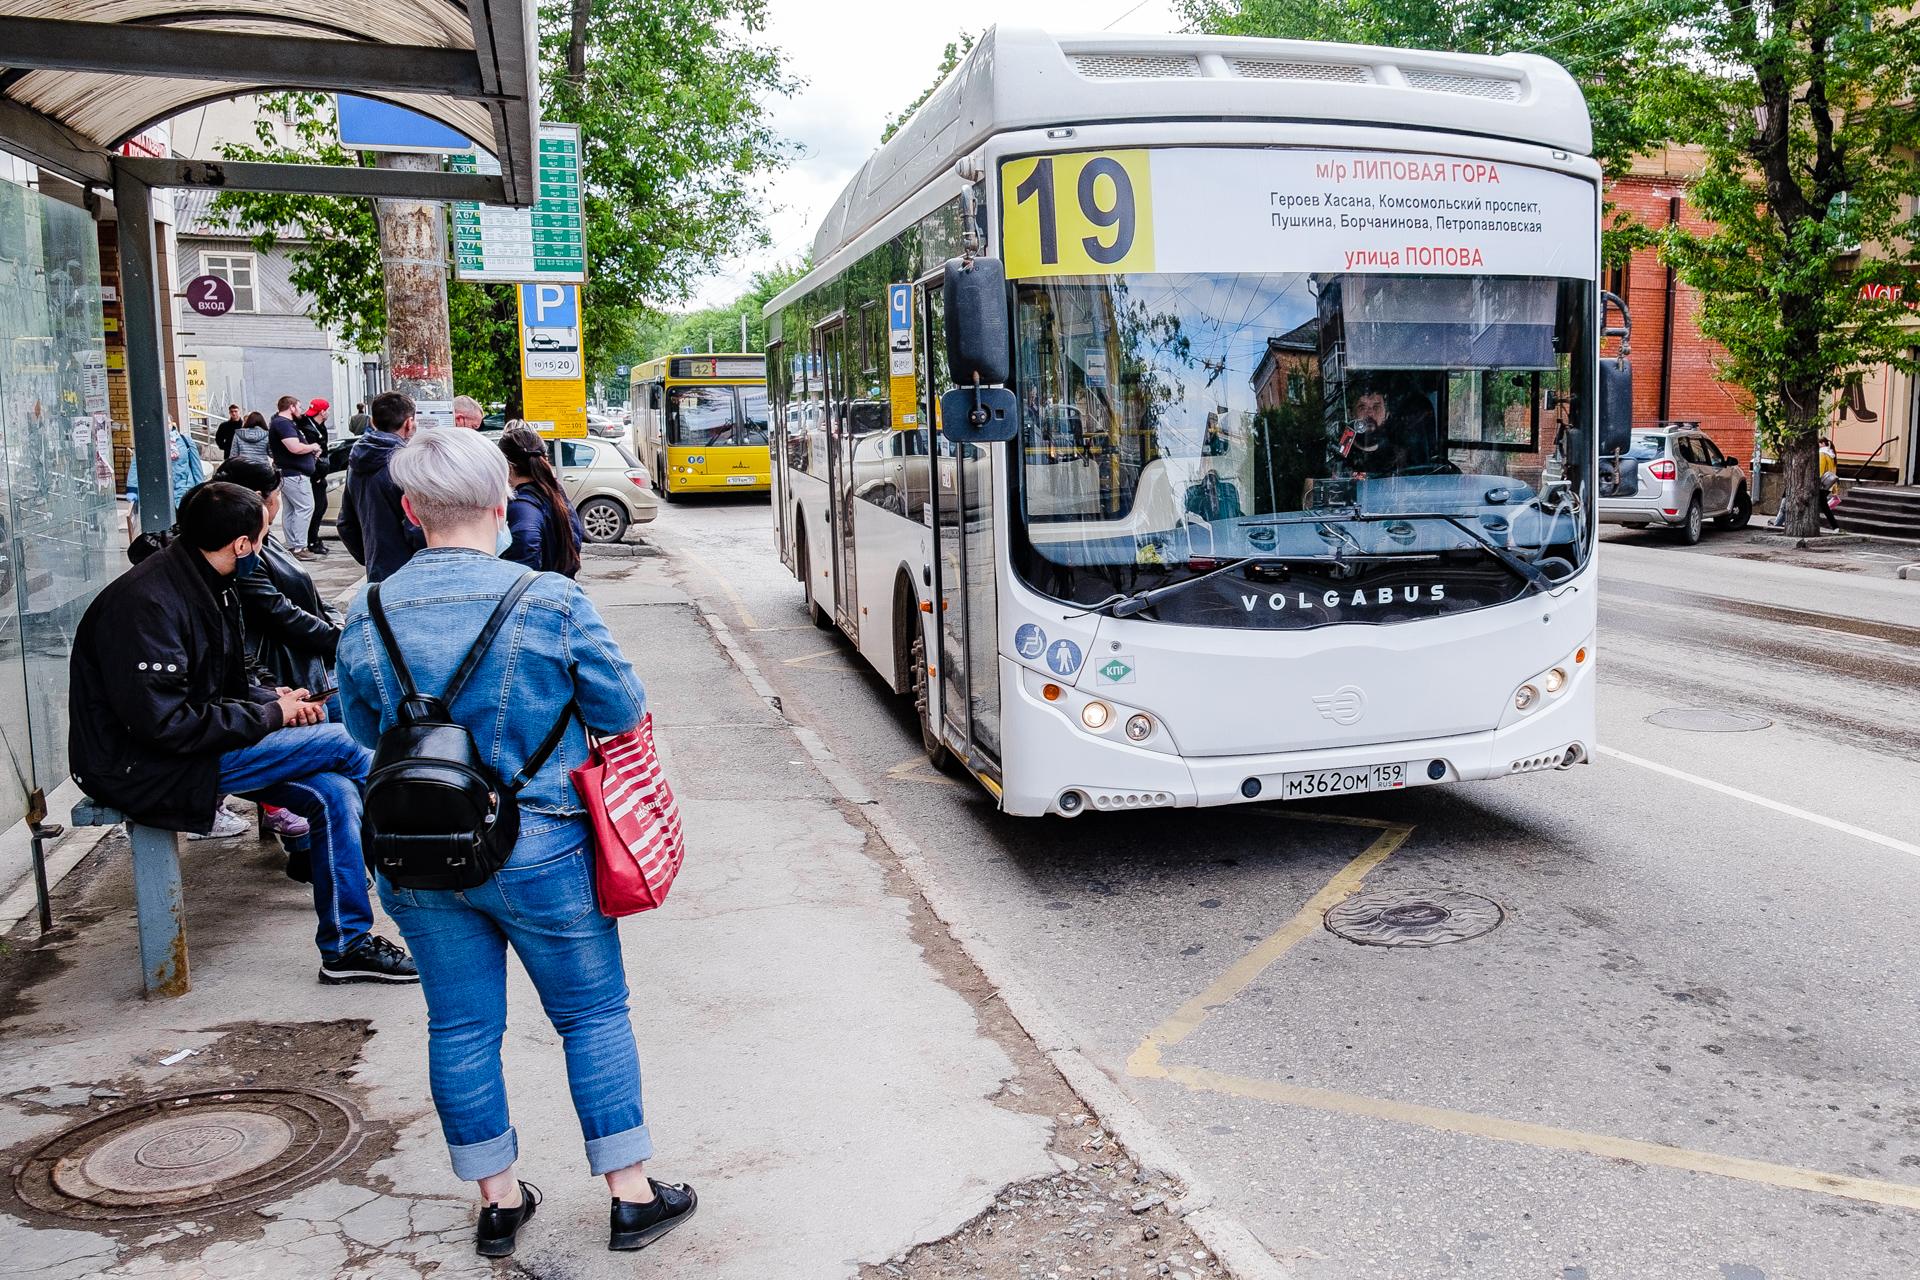 В пермской мэрии объявили конкурс на обслуживание автобусных маршрутов